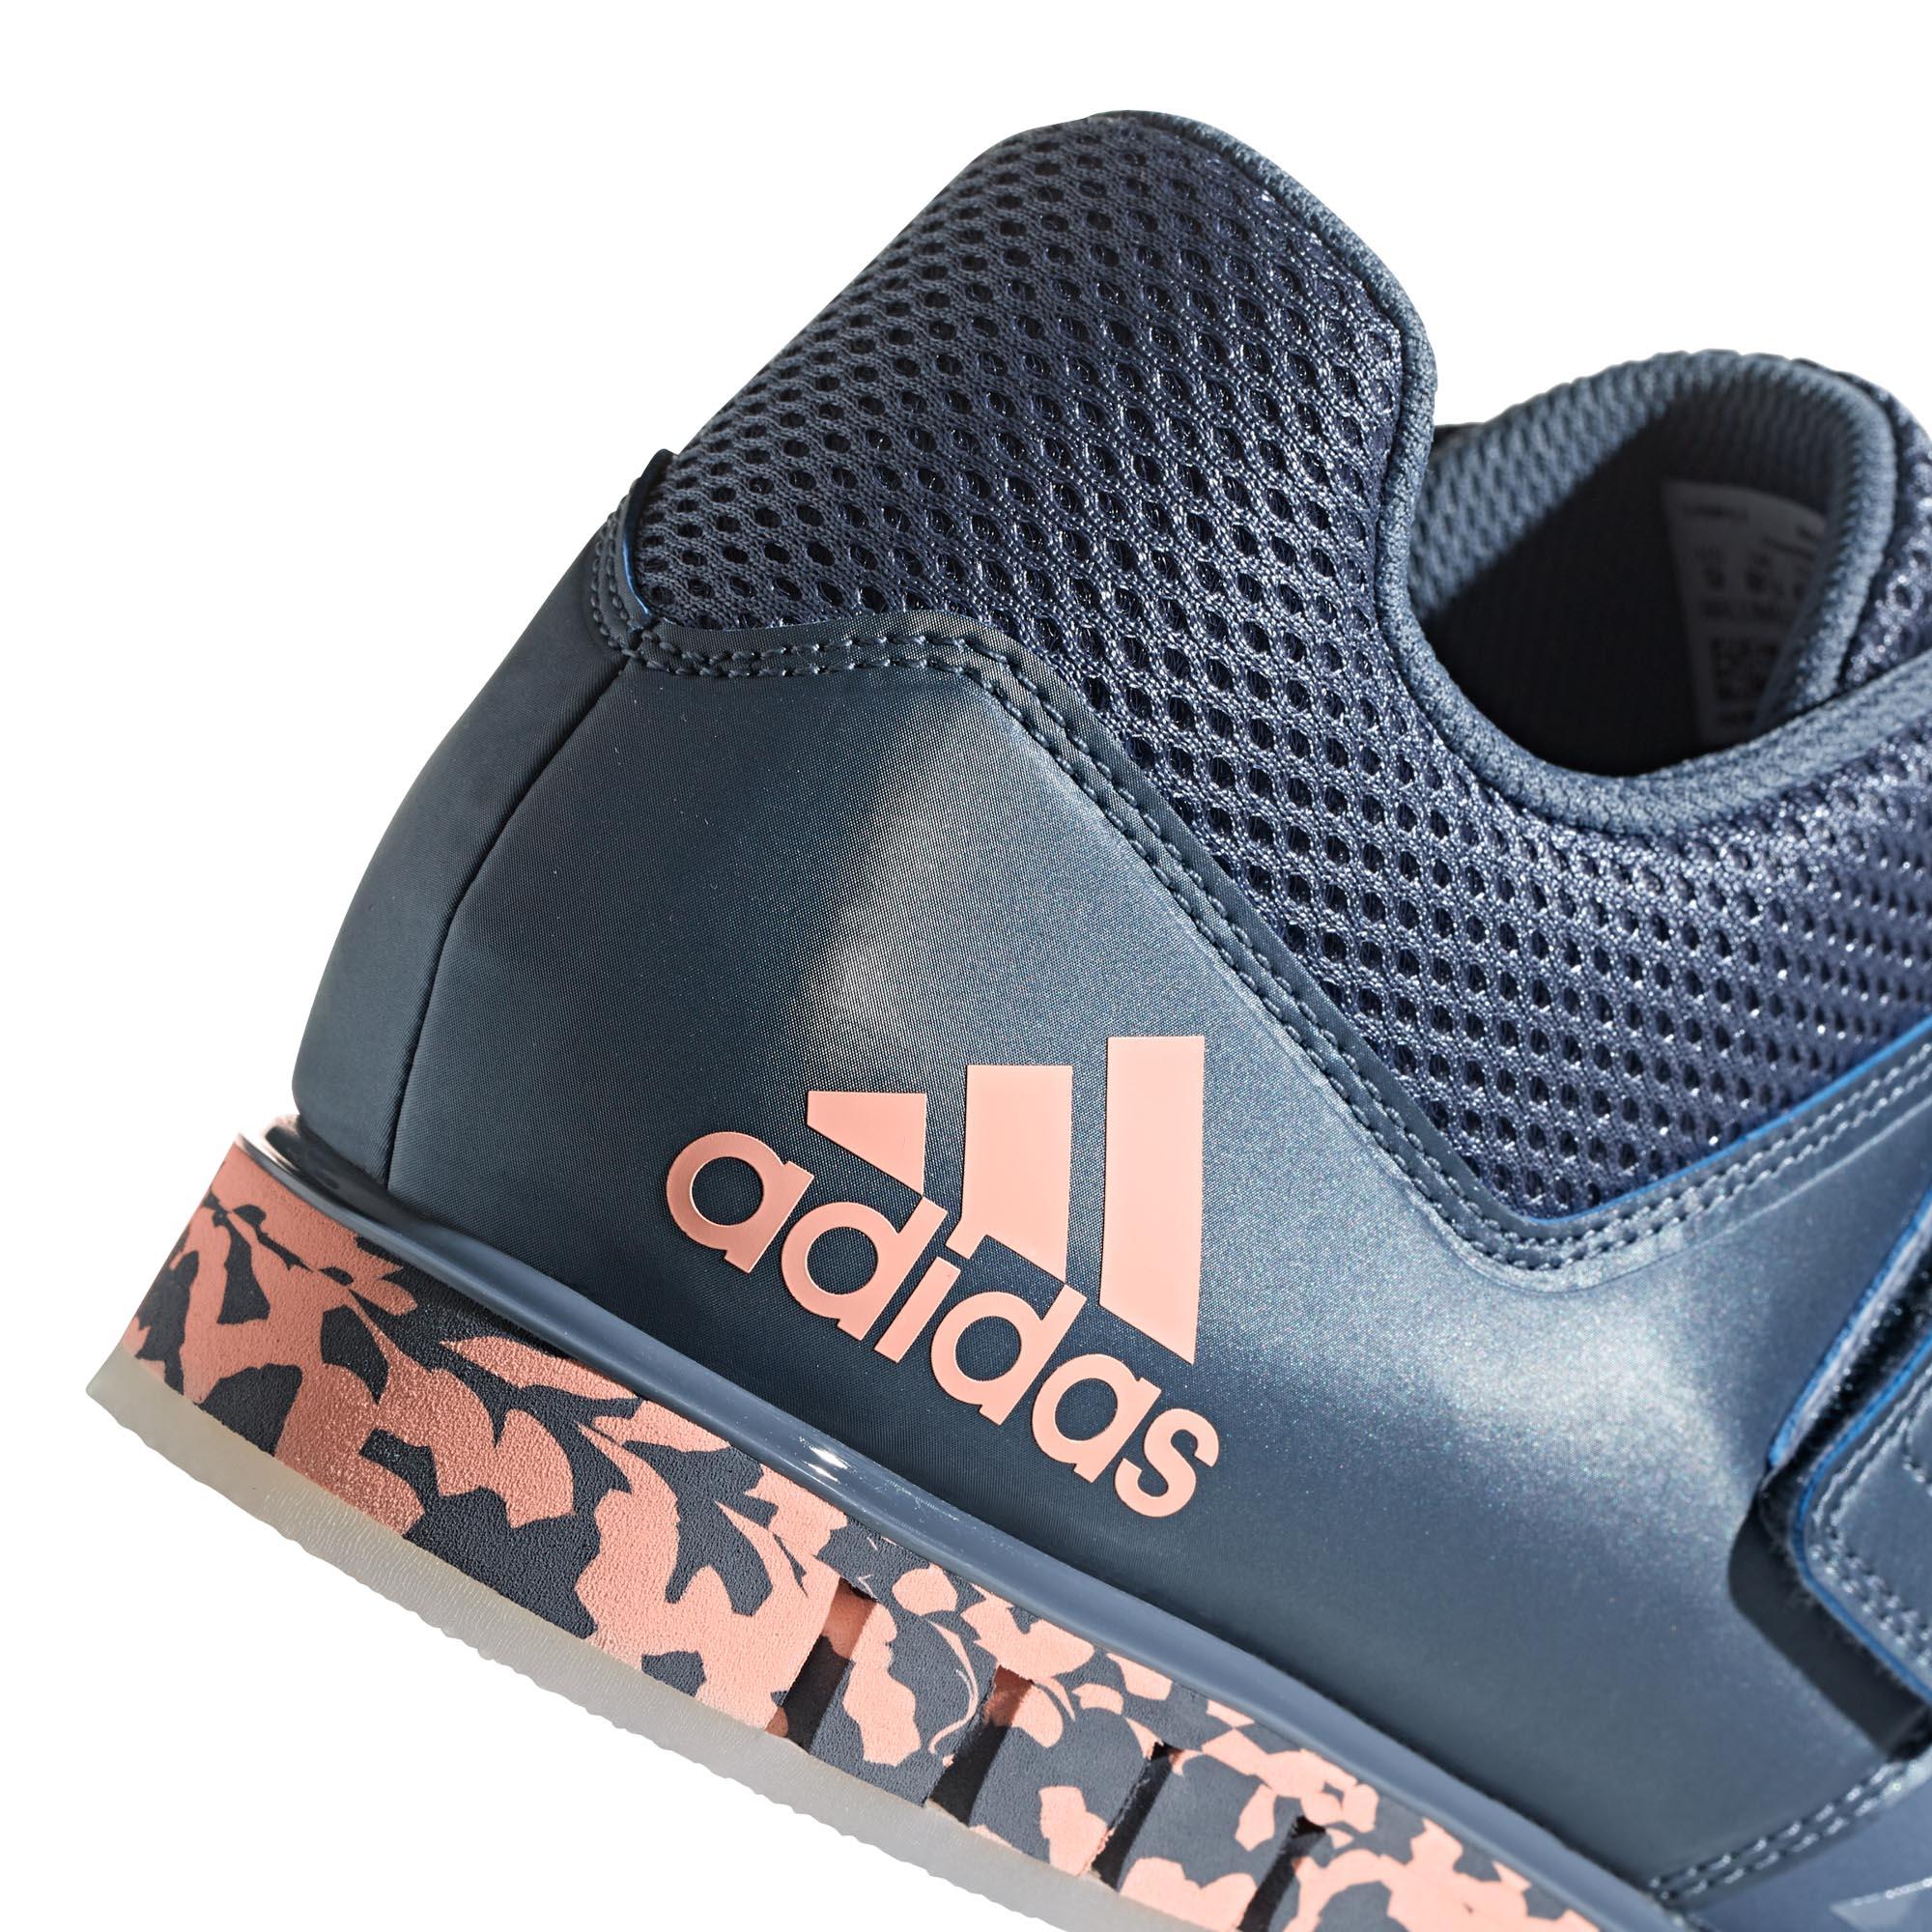 half off a5c29 963e3 Hommes Adidas Powerlift 3.1 pour femme adulte Haltérophilie Dynamophilie Chaussure  Bleu Orange Fitness, athlétisme, yoga